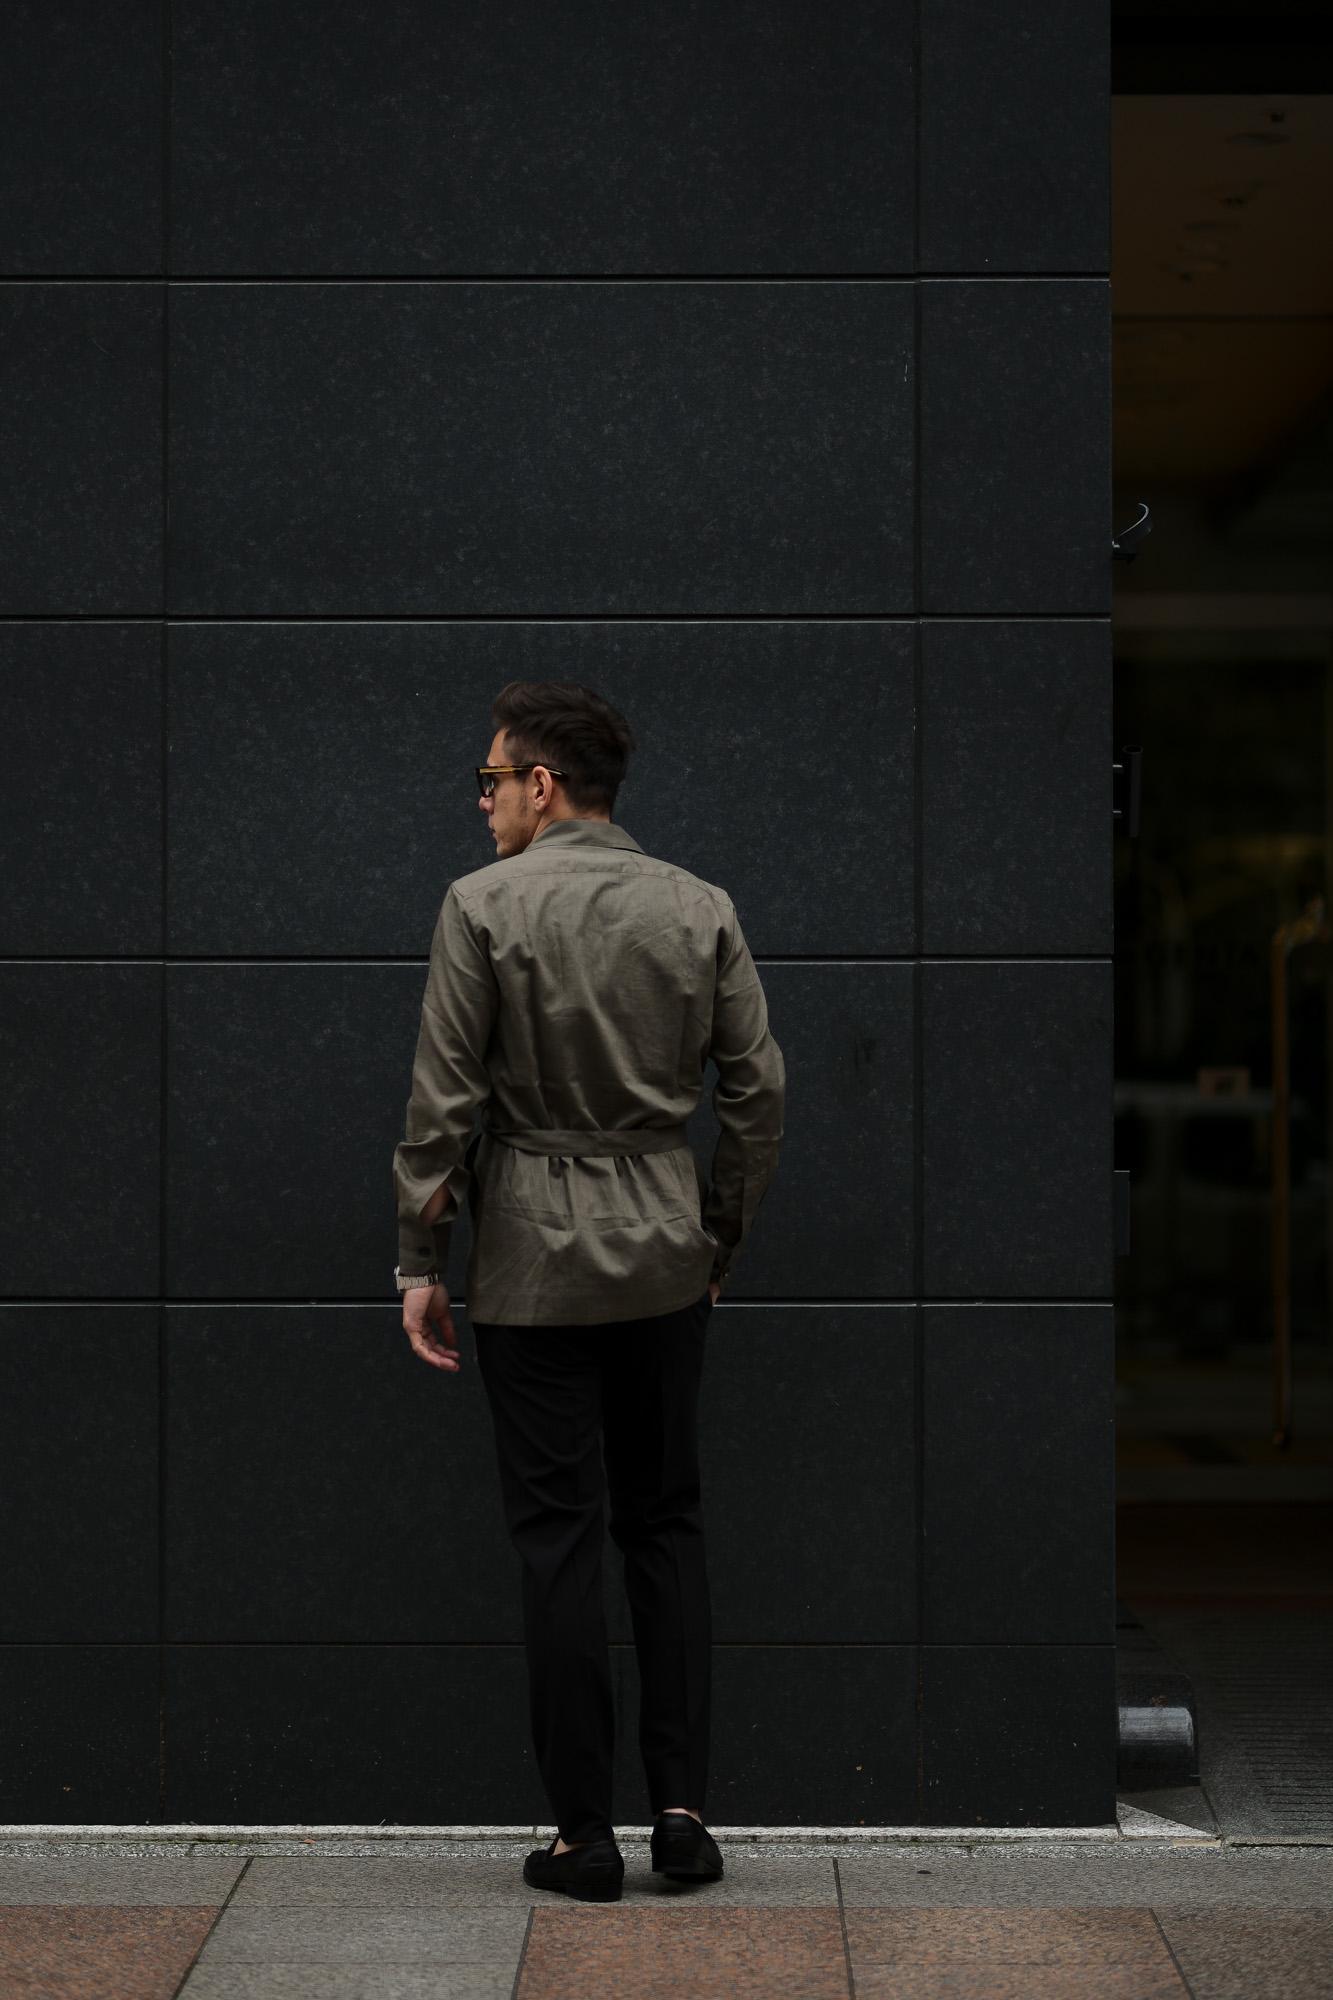 De Petrillo(デ ペトリロ) SAHARIANA (サハリアーナ) リネン サファリ ジャケット BROWN (ブラウン・312) Made in italy (イタリア製) 2020 春夏新作 愛知 名古屋 altoediritto アルトエデリット depetrillo